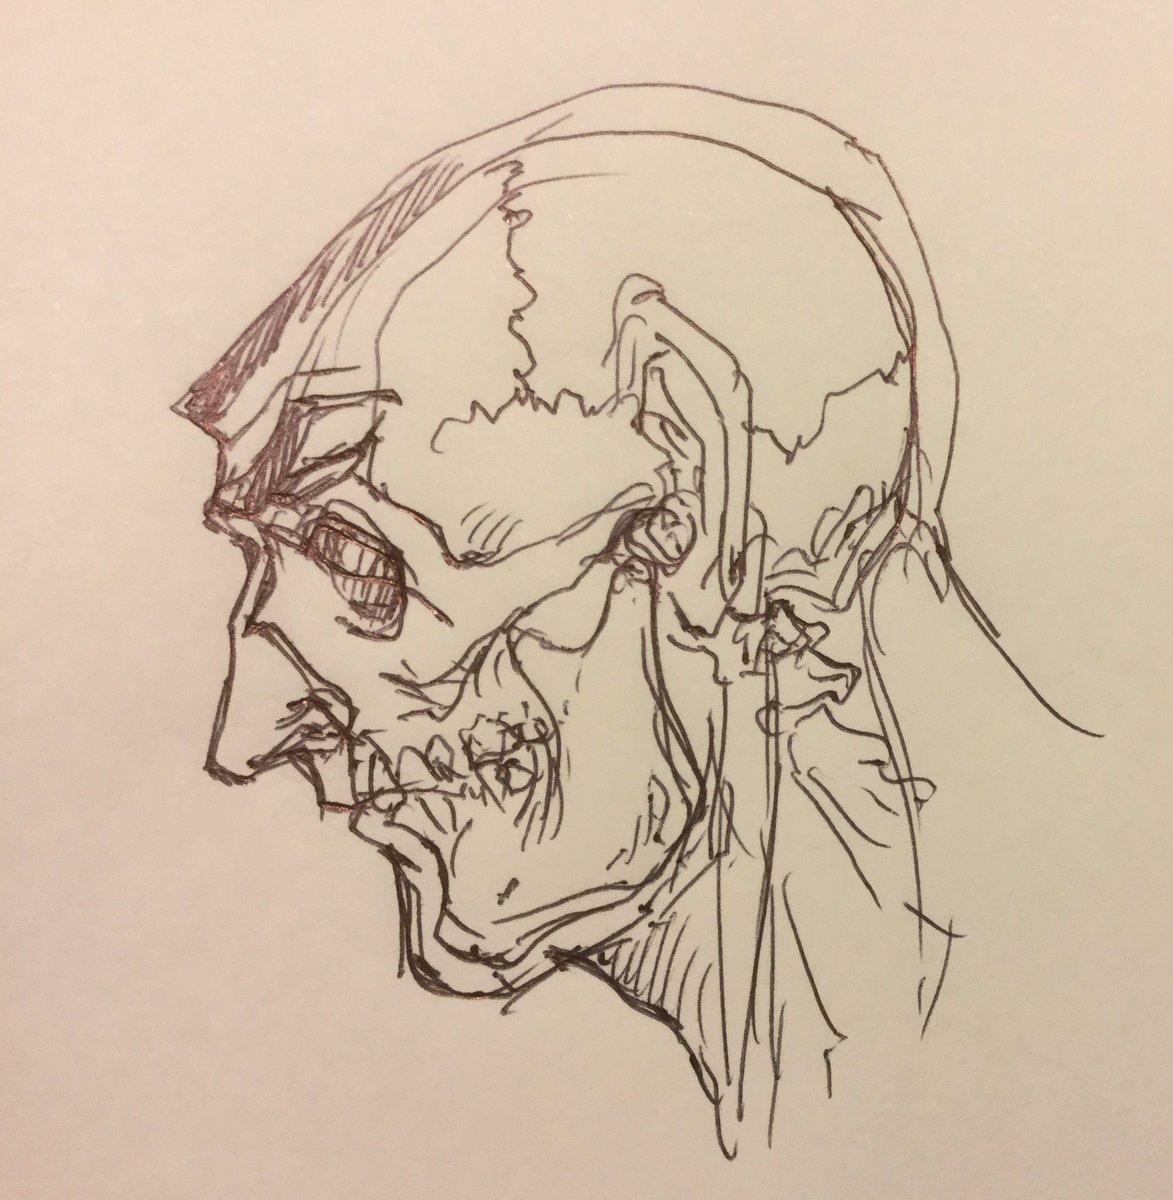 ゴルゴ13見るたびに頭蓋骨どうなってるんだろうと思っていて、多分目はダミーでほっぺたに入る細い線が実は目なんじゃないかと勝手に考えて頭蓋骨を当てはめてみた。 https://t.co/psnCgQDqnC